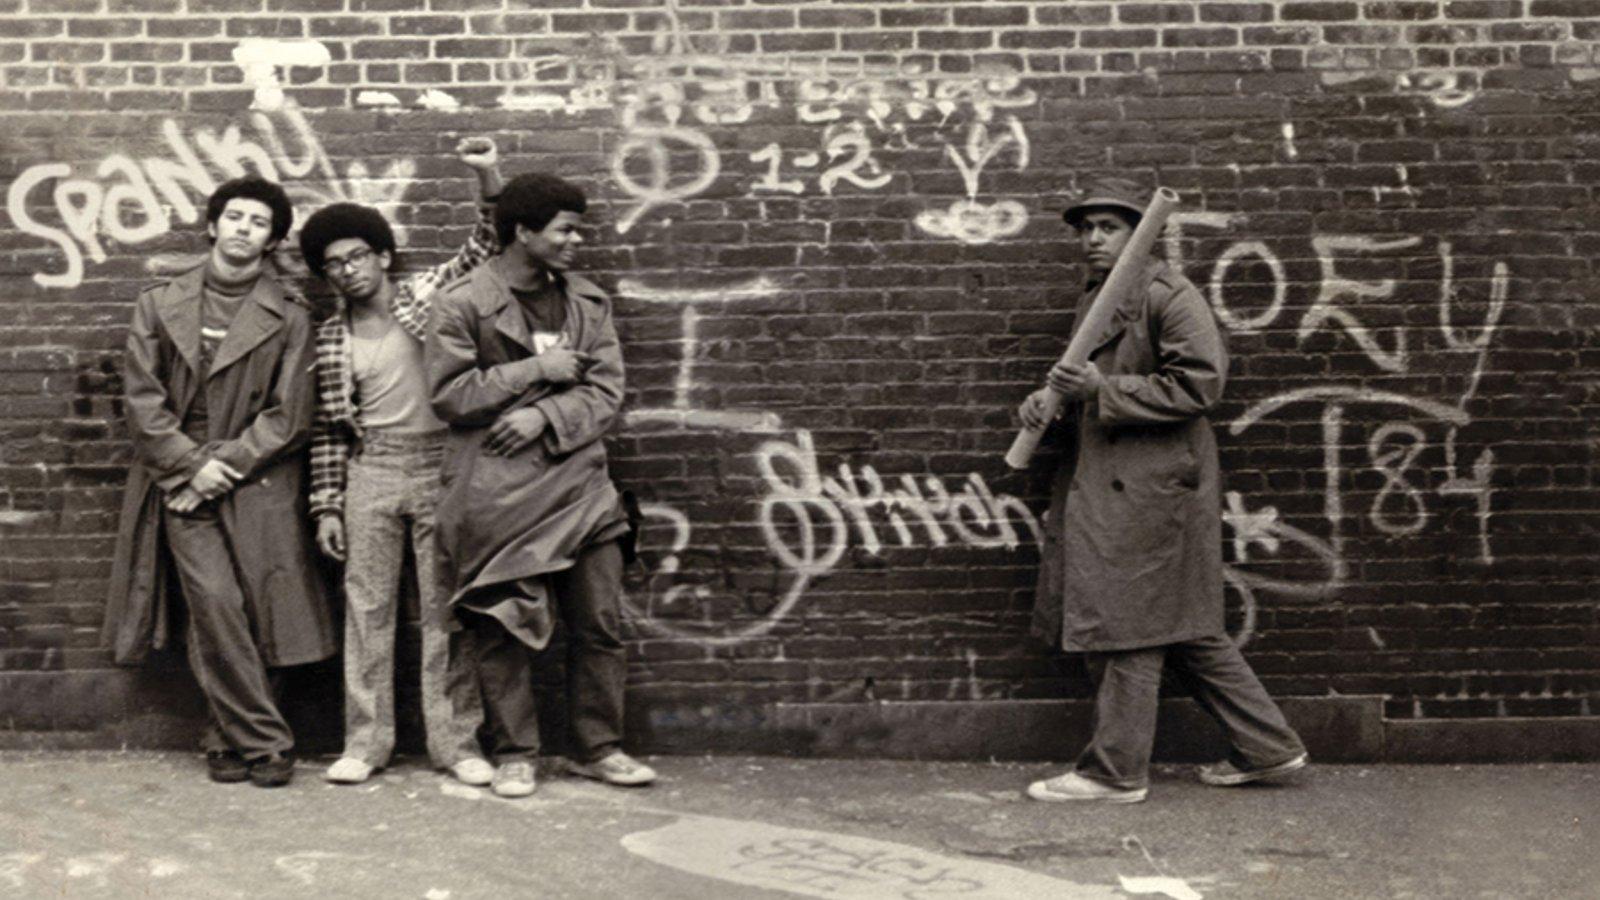 Wall Writers - Early Graffiti Artisits